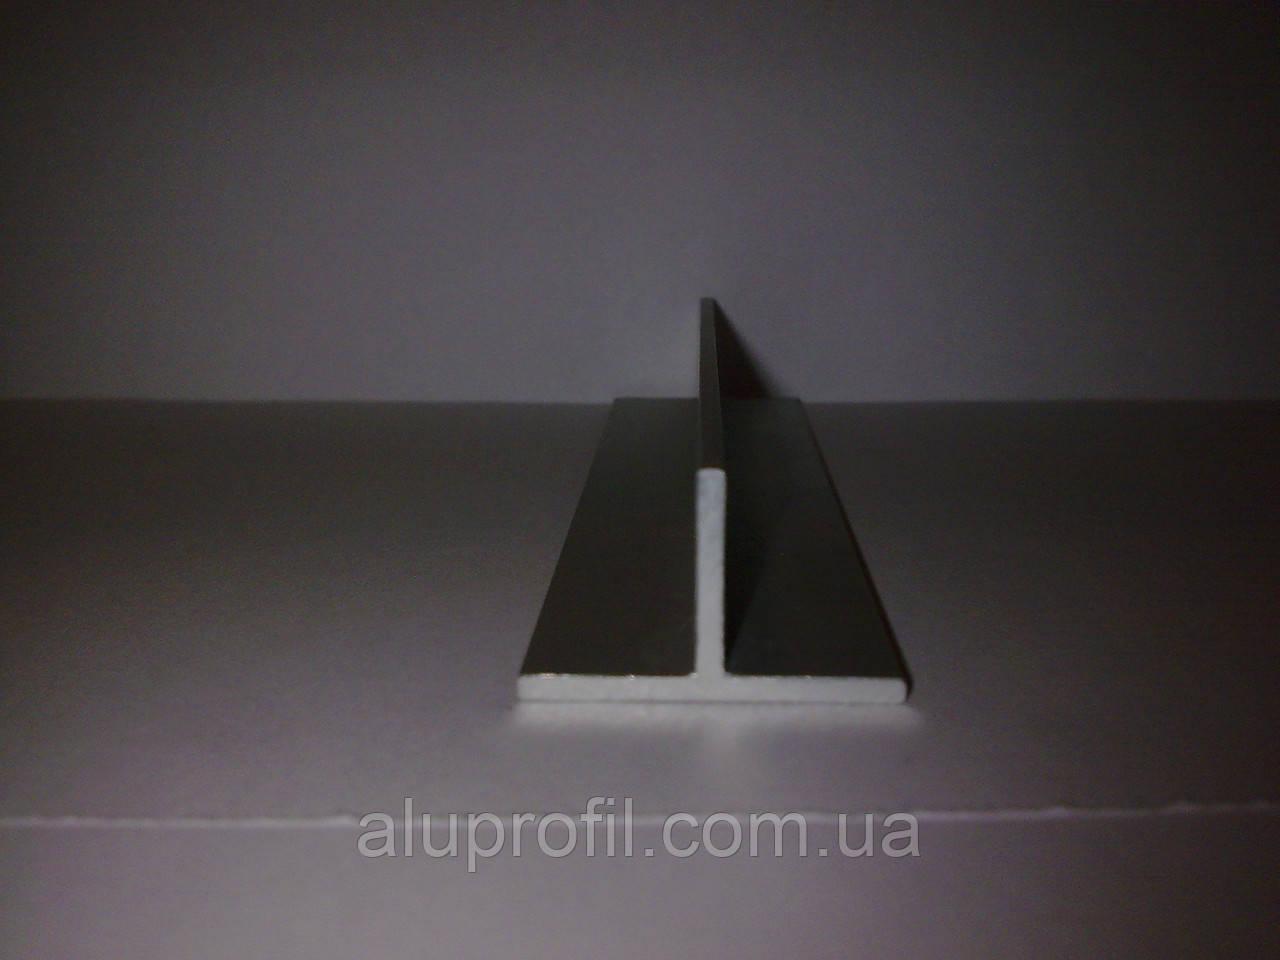 Алюминиевый профиль — тавр алюминиевый 24х14,7х1,7